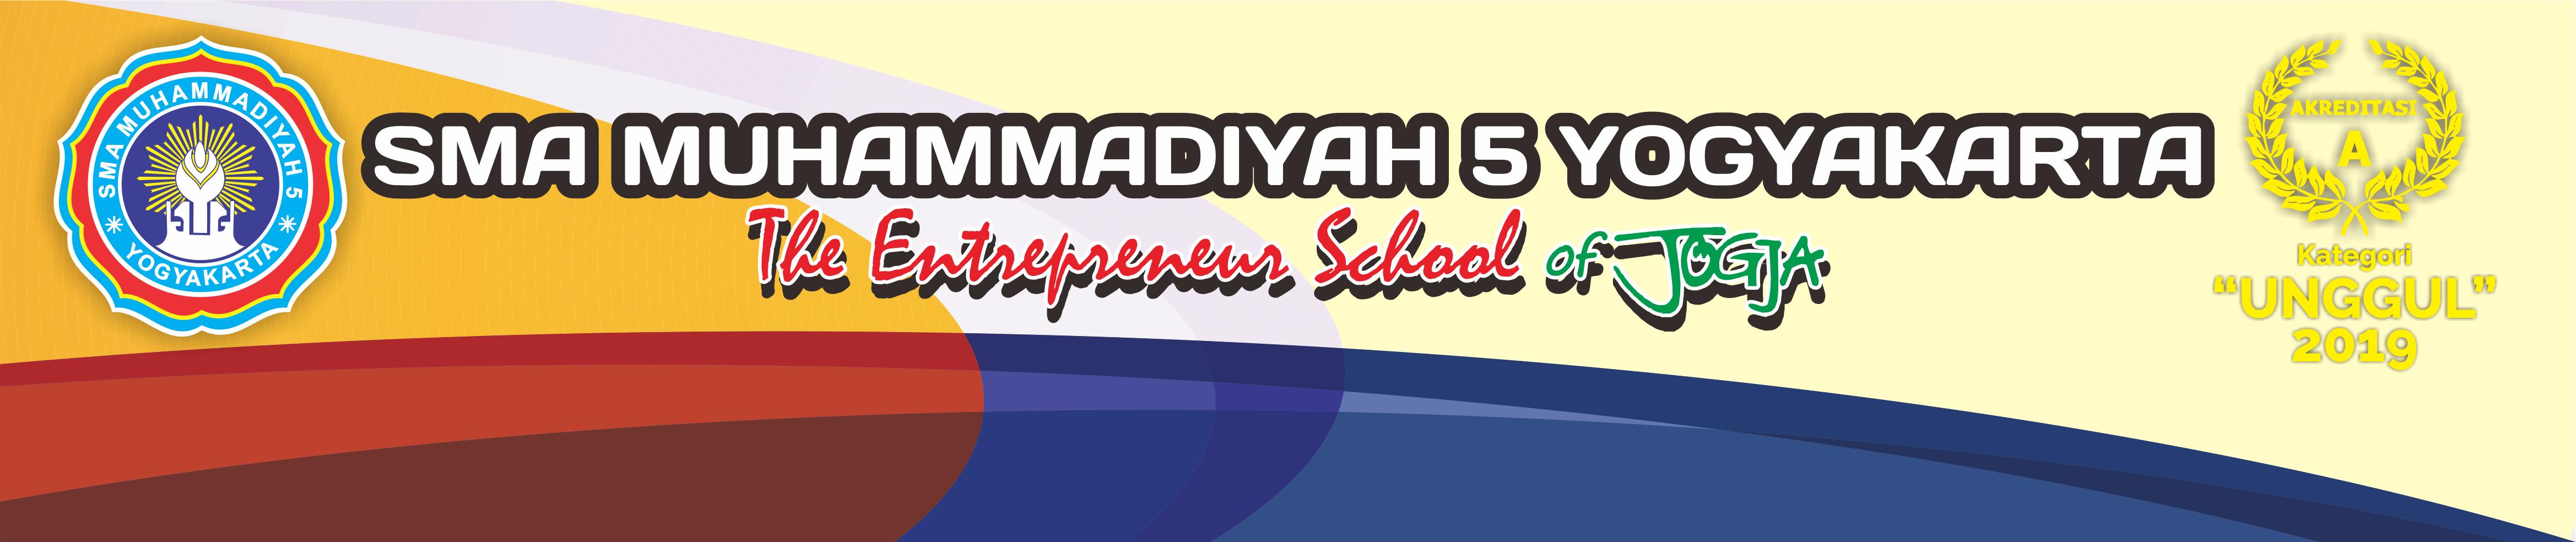 SMA Muhammadiyah 5 Yogyakarta